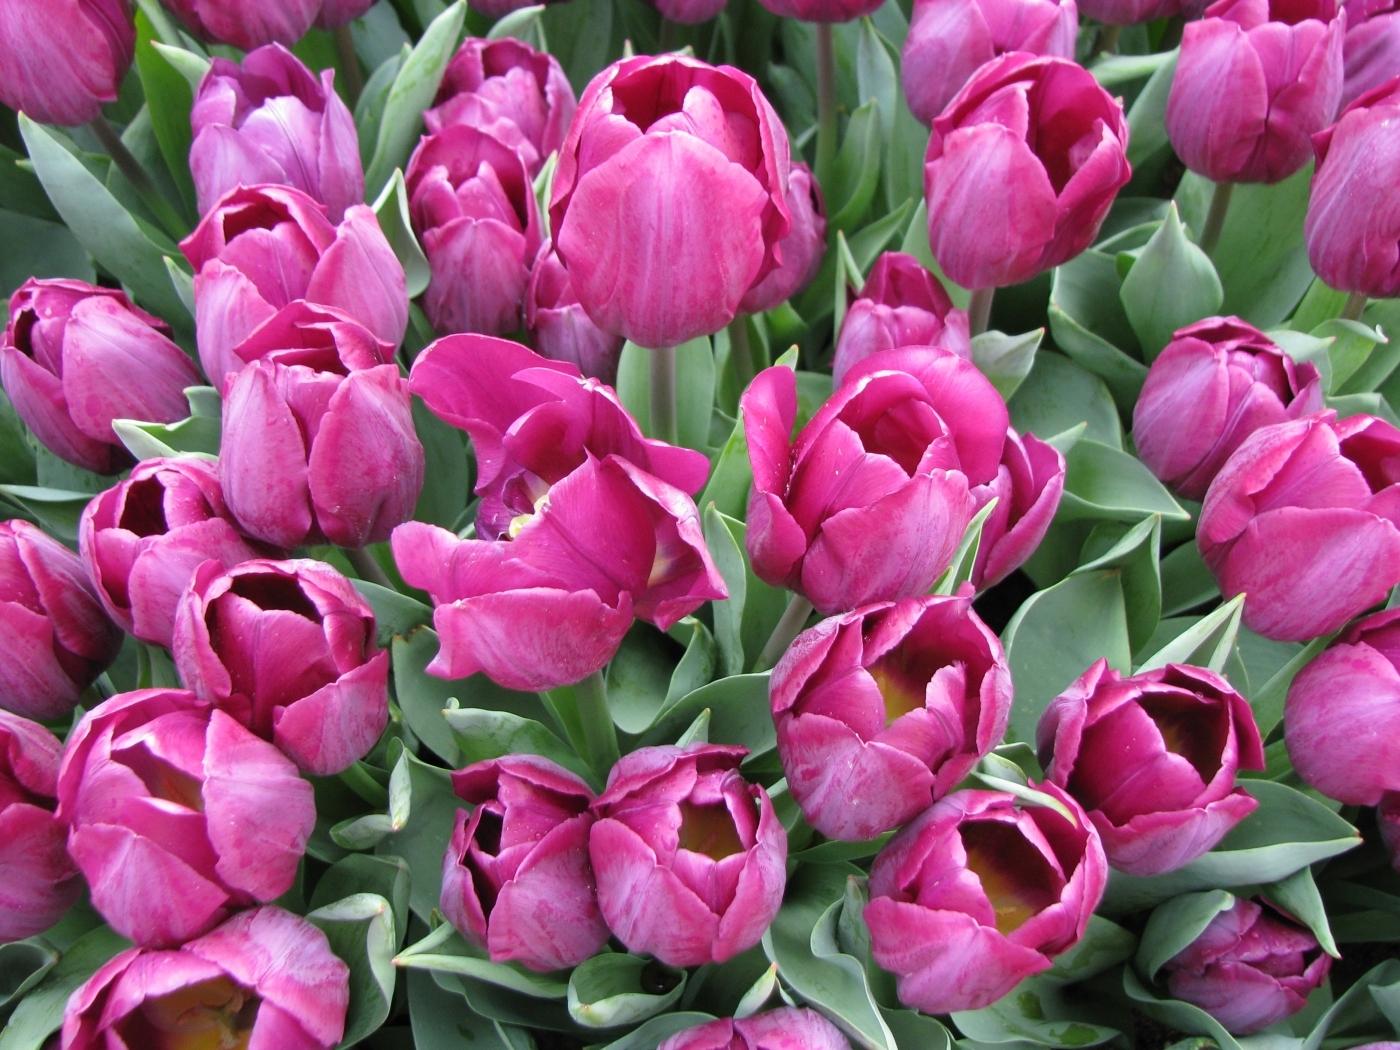 25587 скачать обои Растения, Цветы, Тюльпаны - заставки и картинки бесплатно